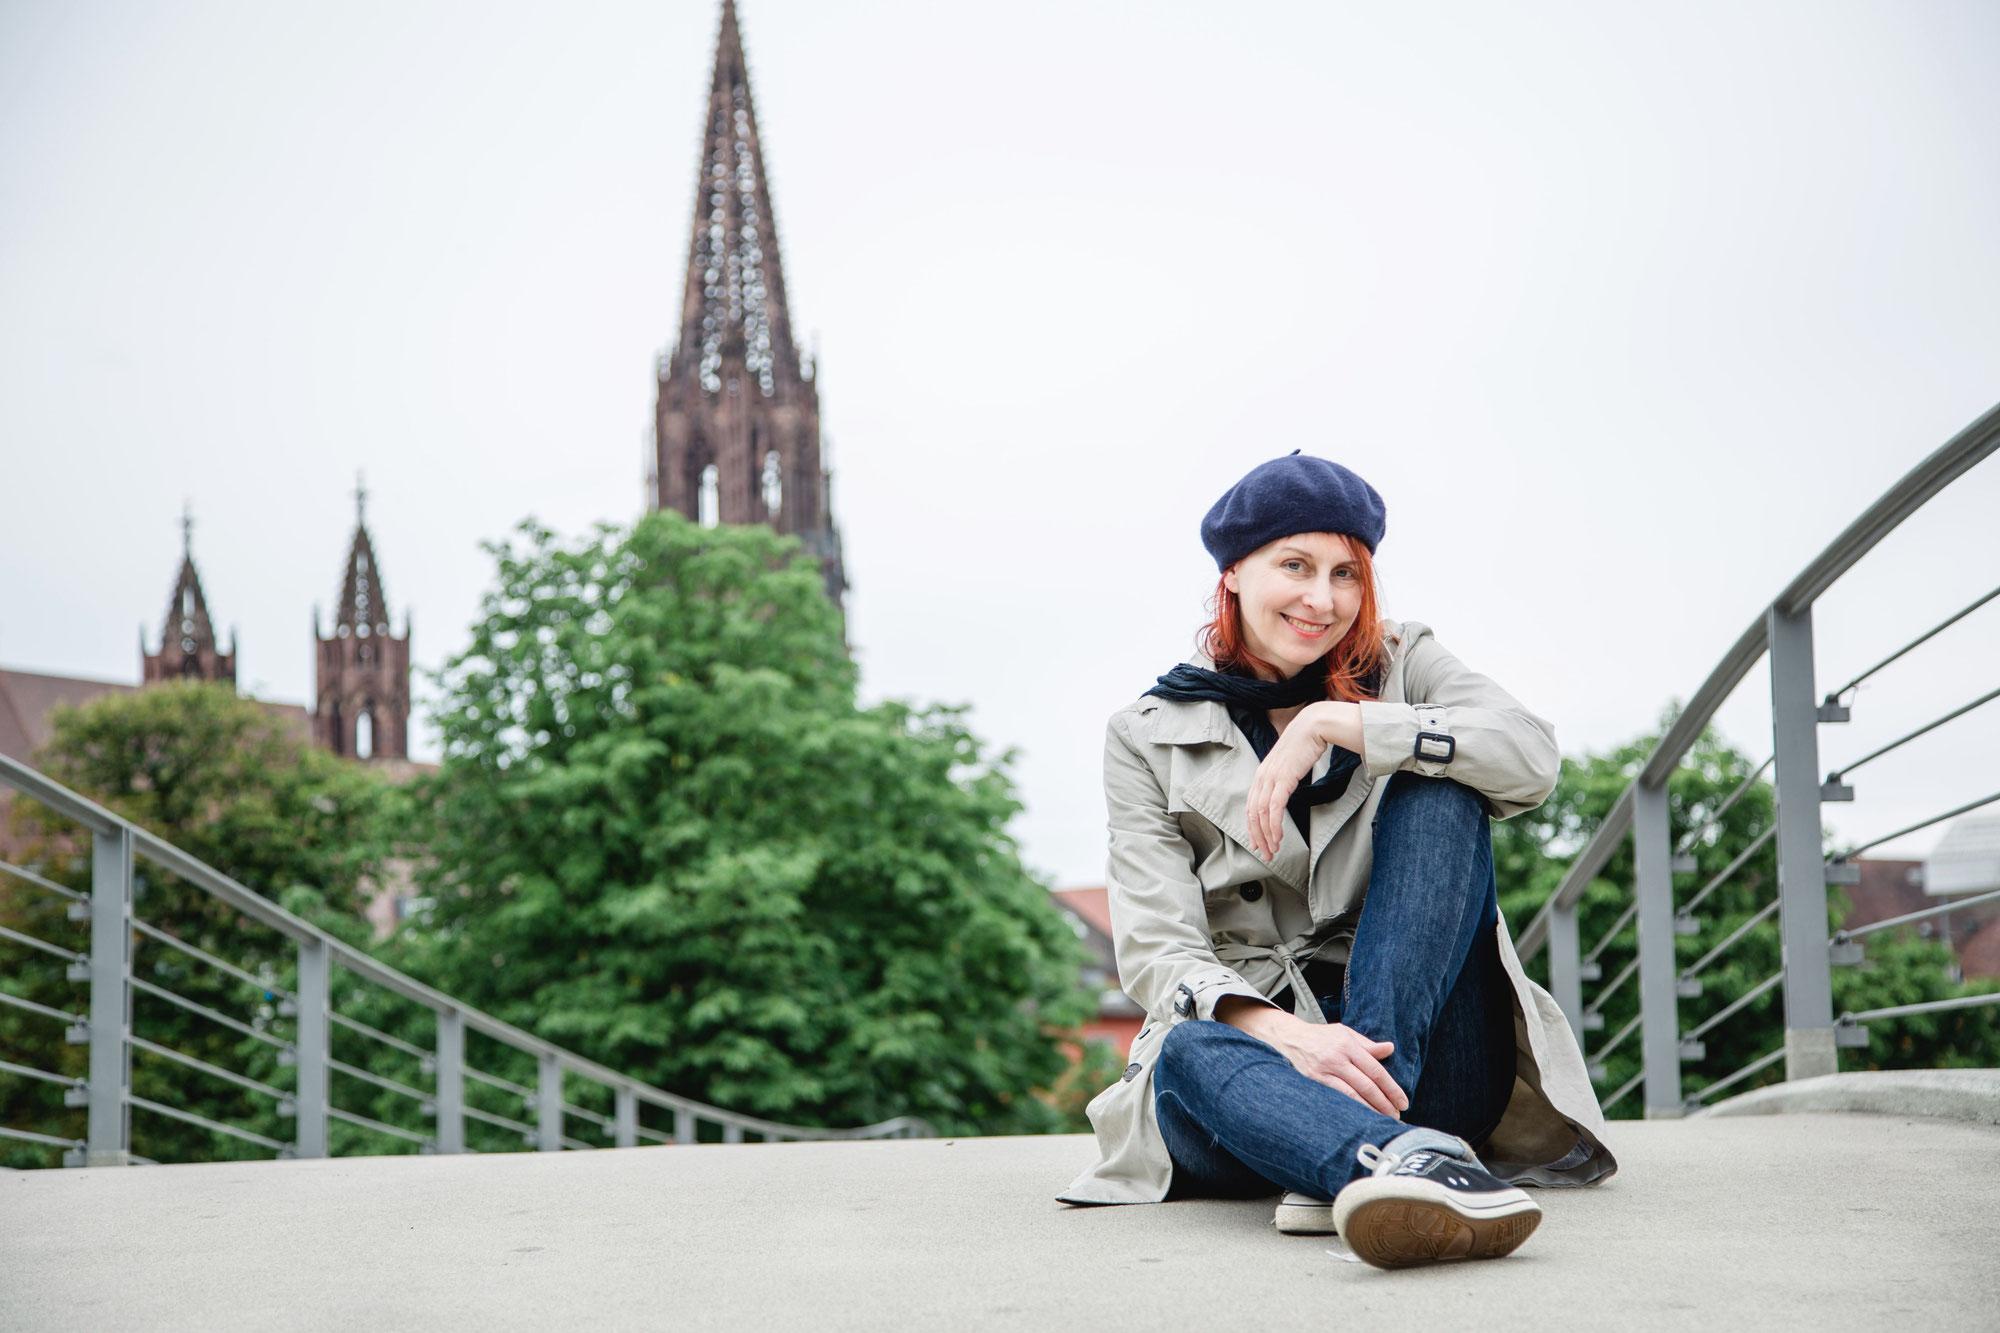 Die schönsten Plätze in Freiburg mit Christa